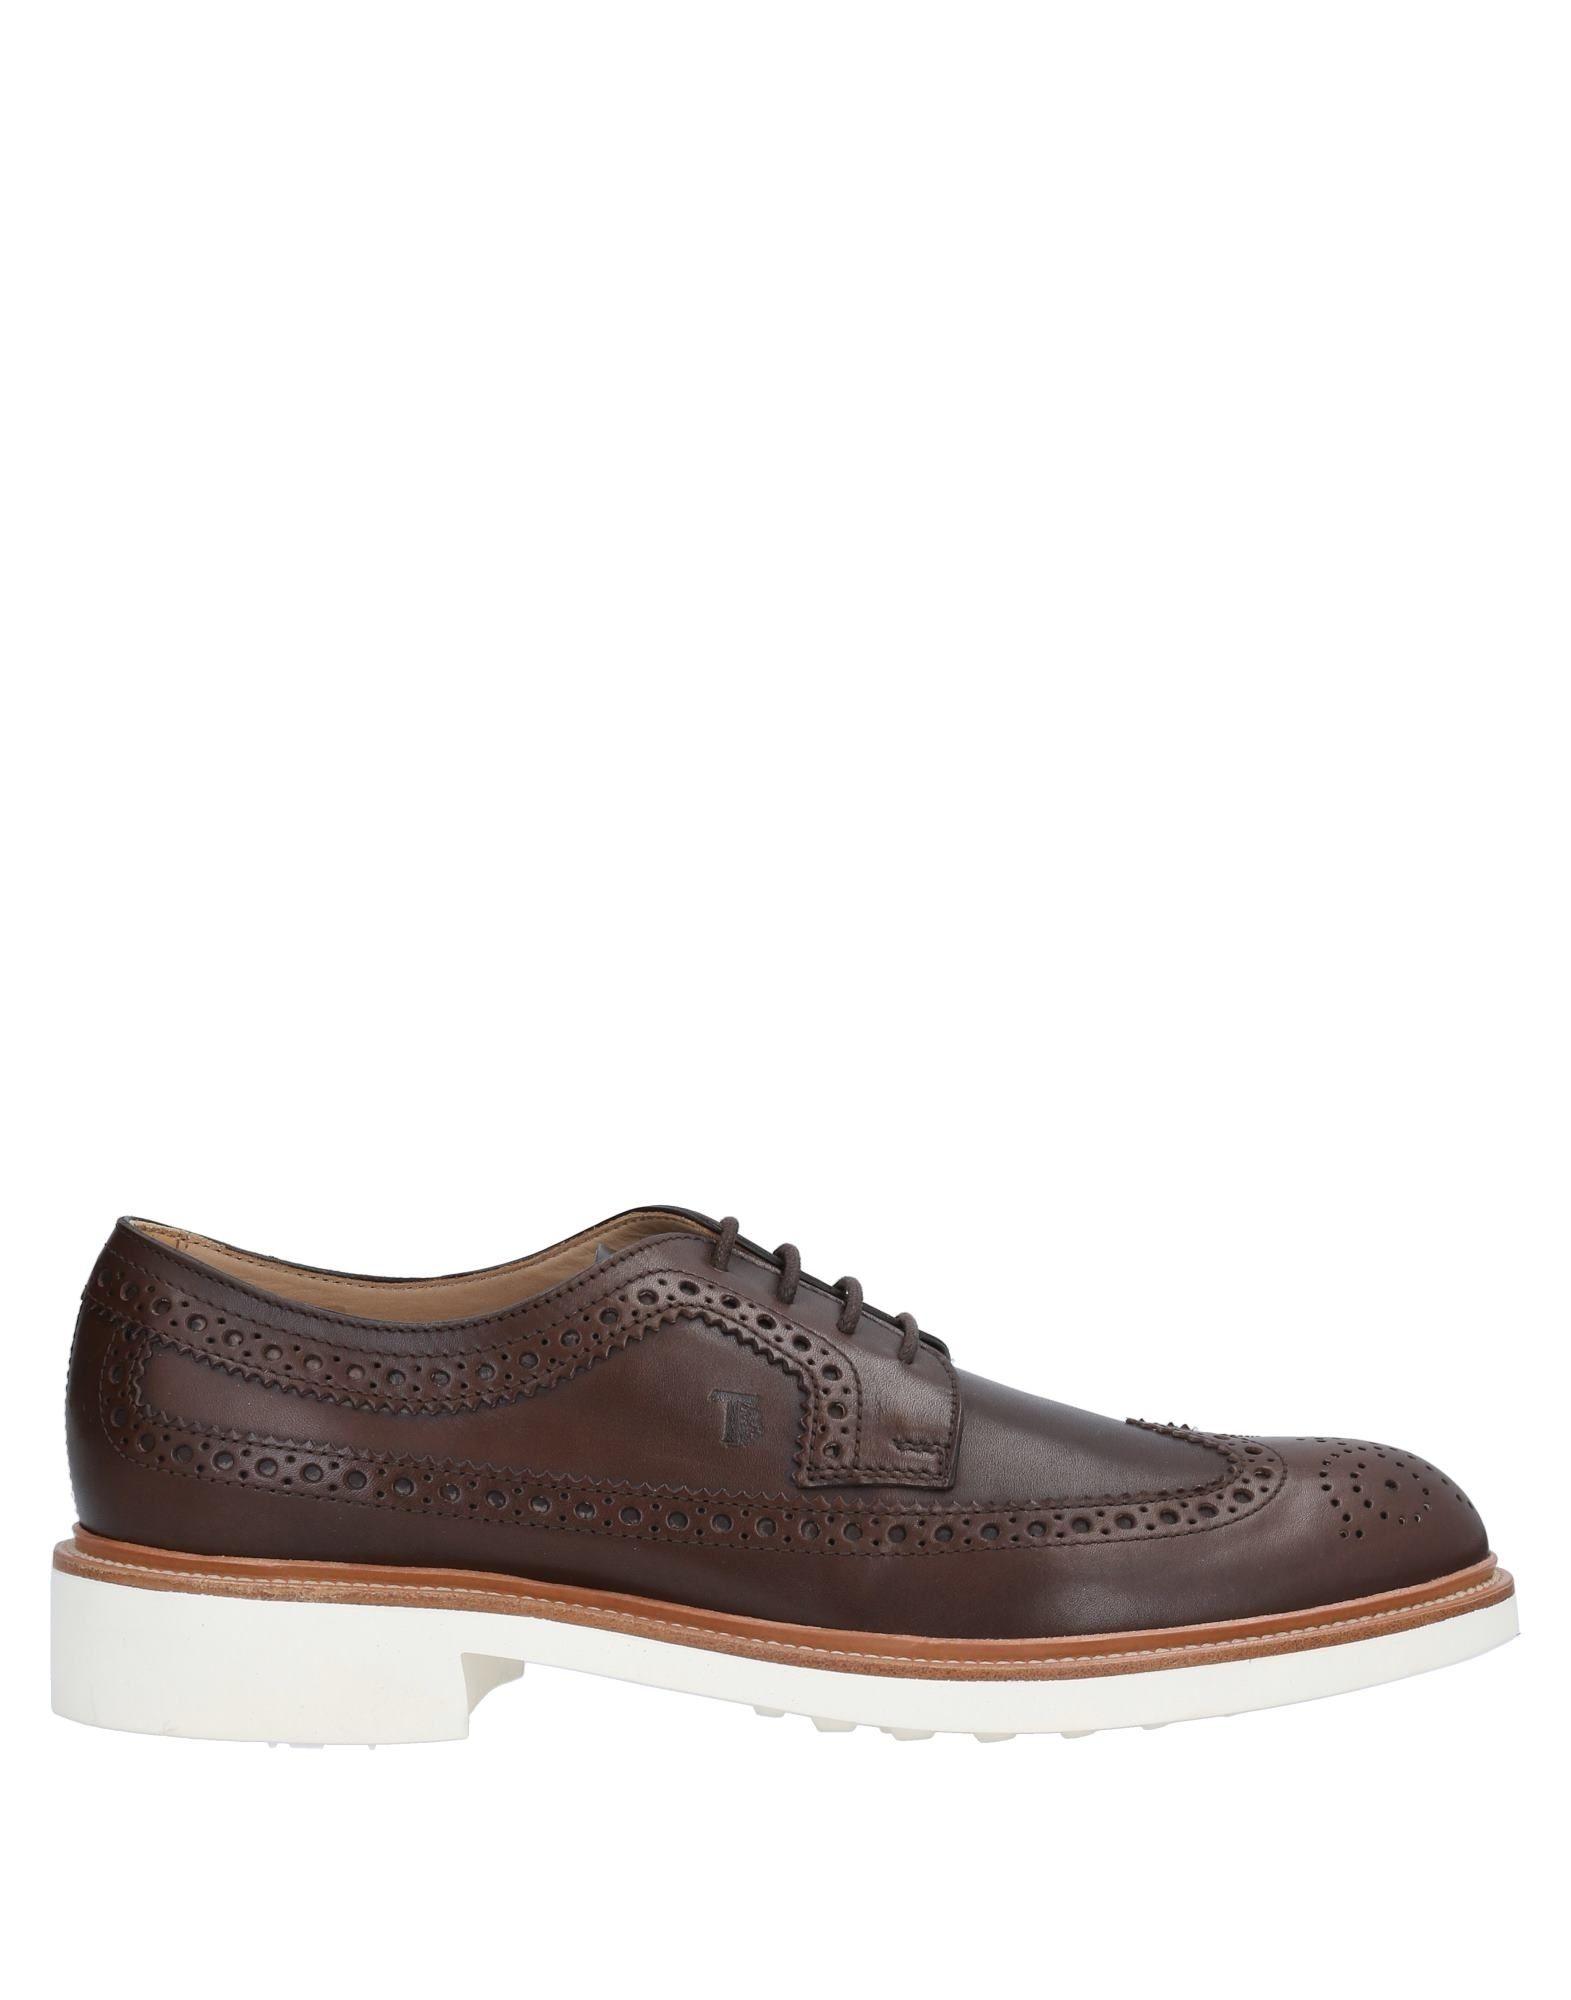 спорт обувь мужская